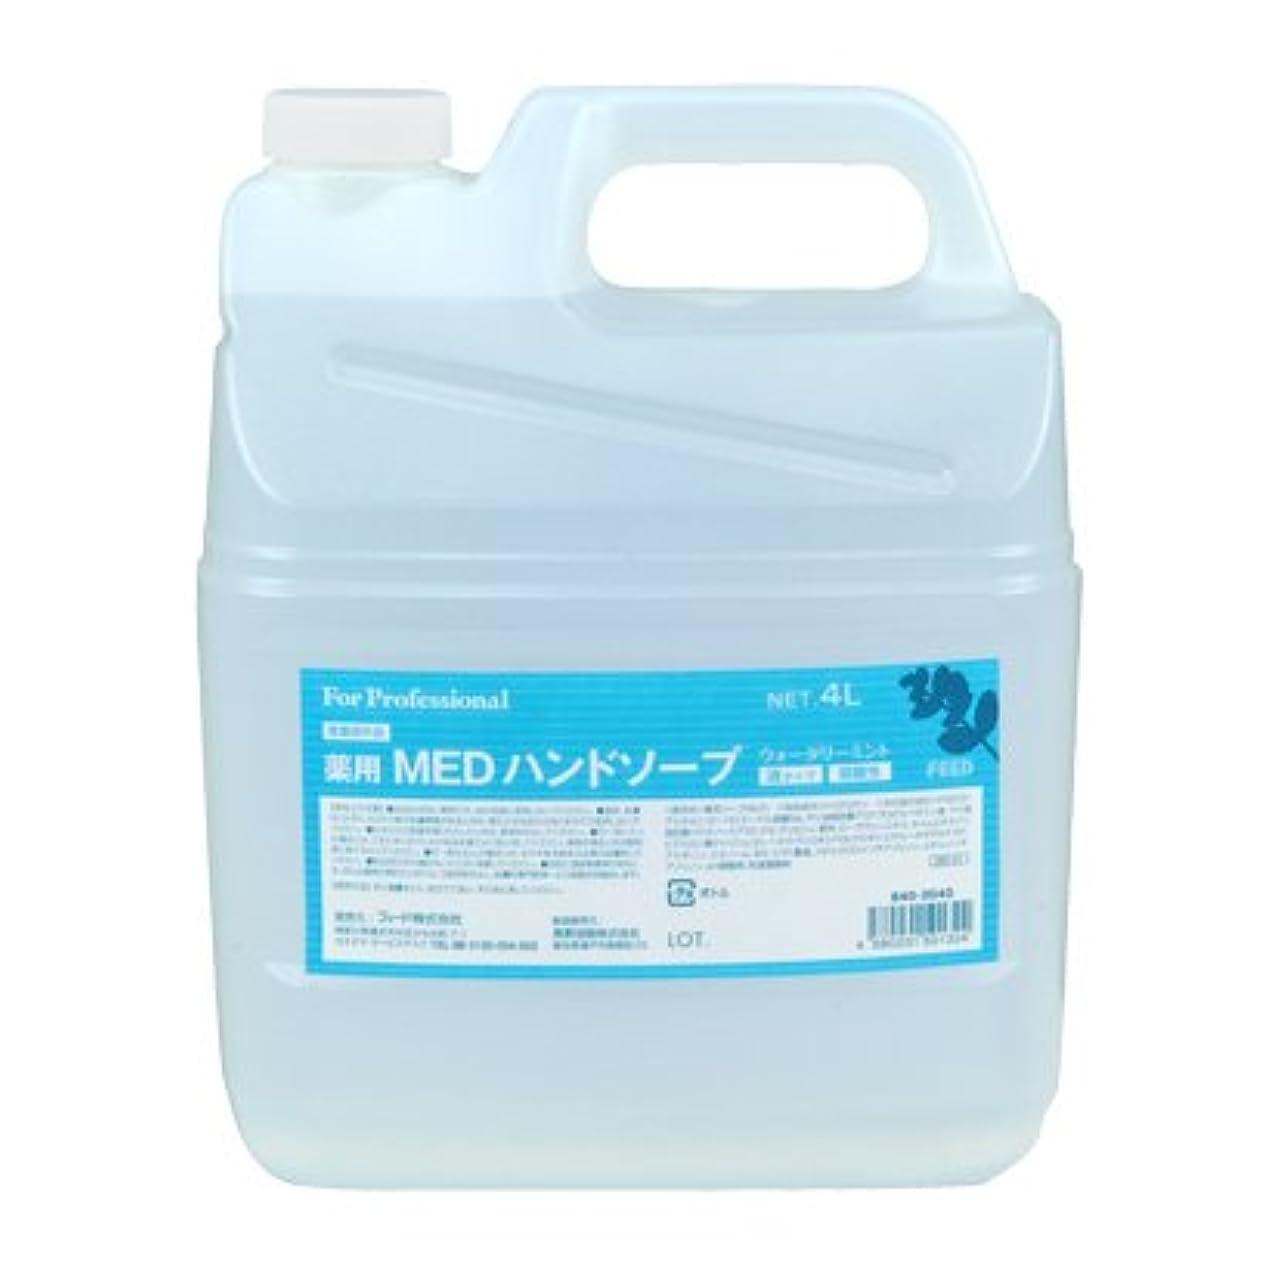 効能あるレンダー安いです【業務用】 FEED(フィード) 薬用 MEDハンドソープ 液タイプ/4L詰替用 ハンドソープ(液タイプ) 入数 1本